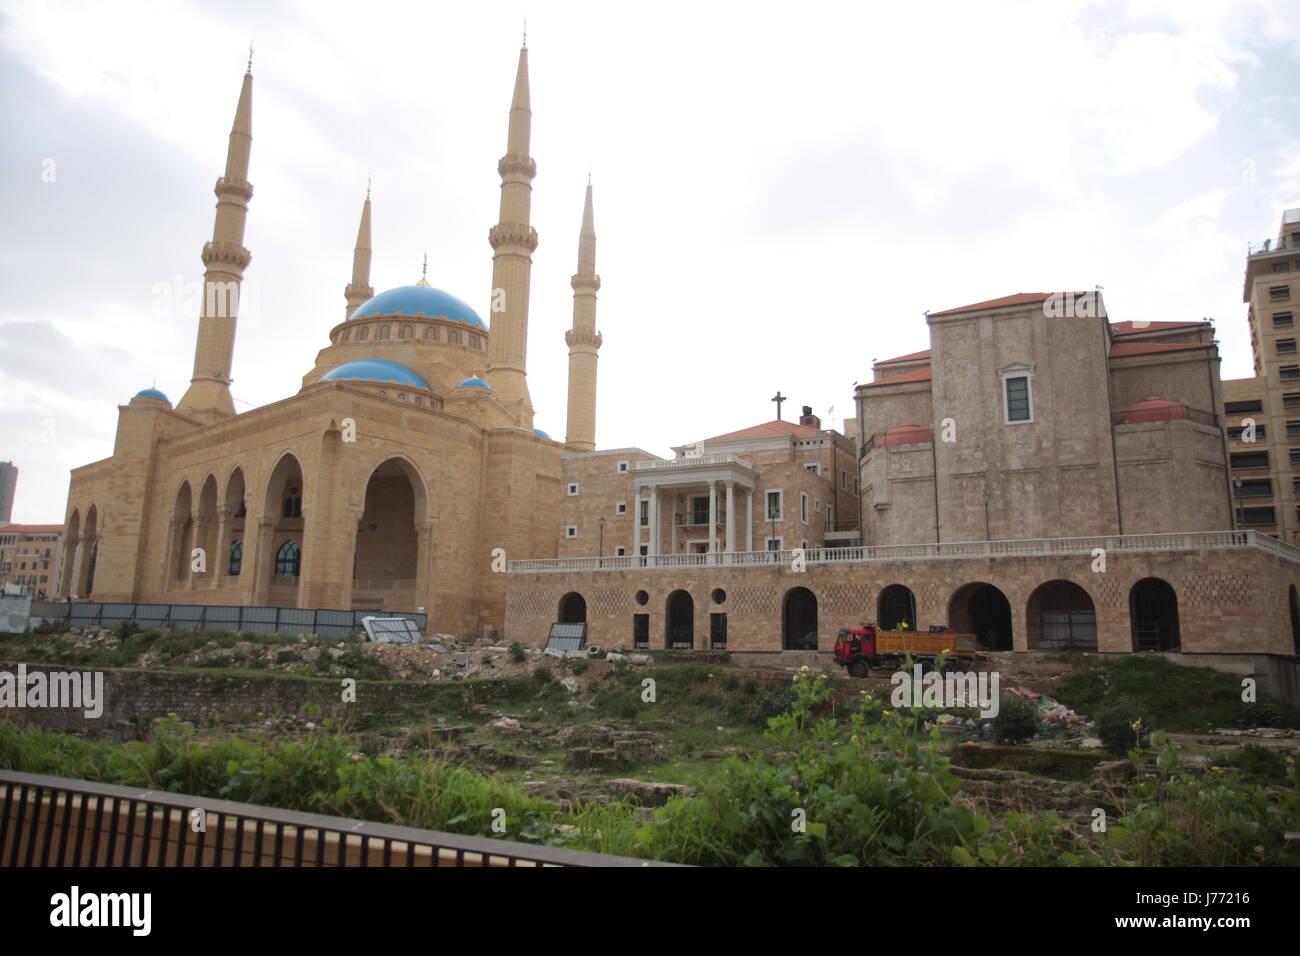 La Credenza Religiosa : Islam moschea libano blue house building religione storica chiesa di